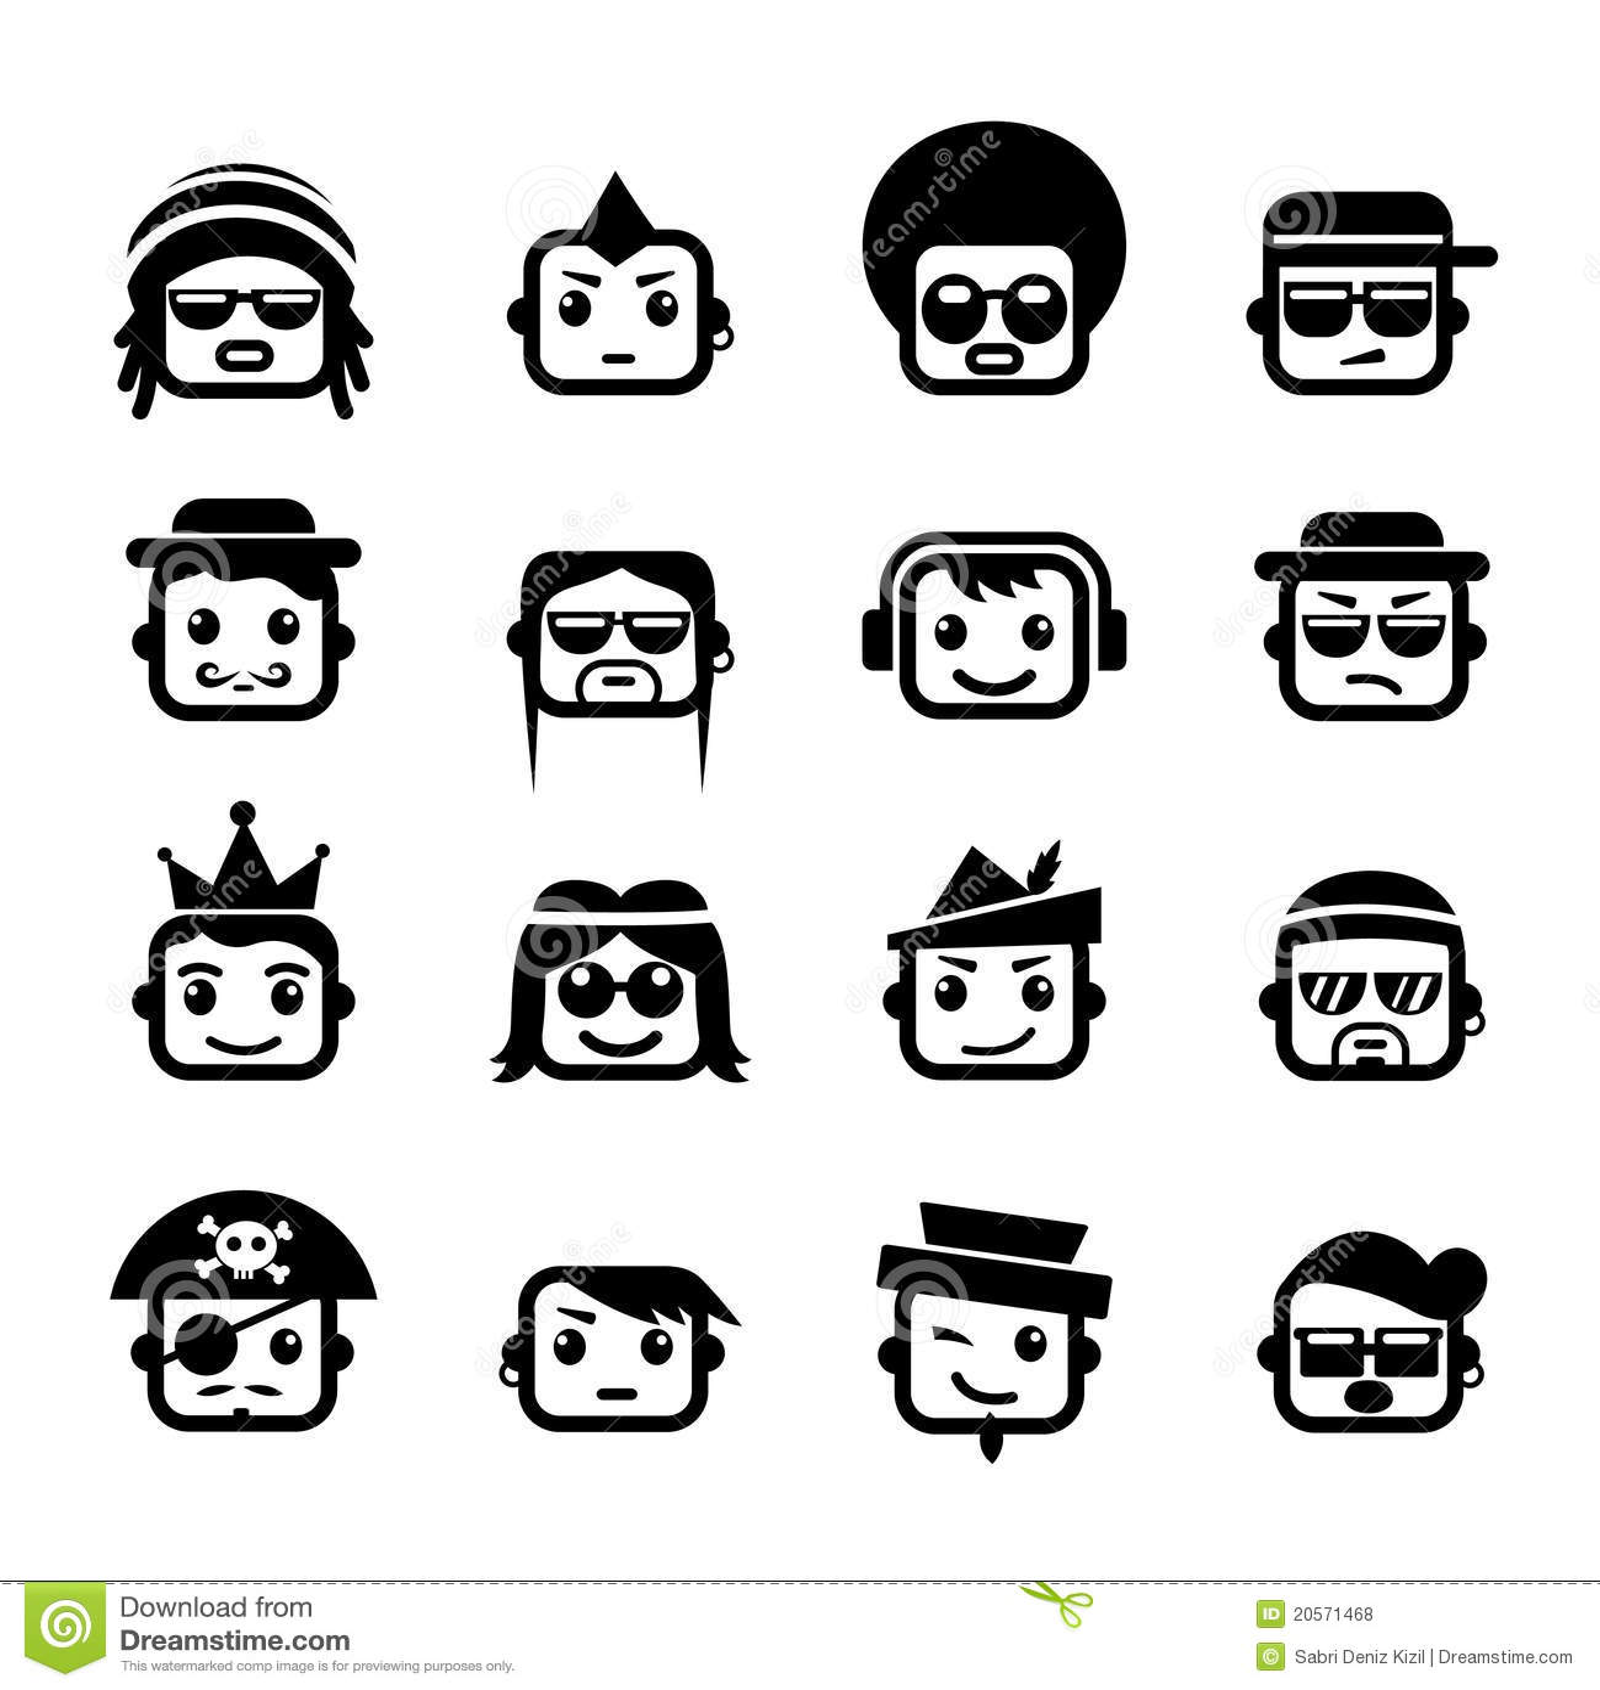 Image Sawamura Angry Png: De Gezichten Van Smiley Royalty-vrije Stock Foto's